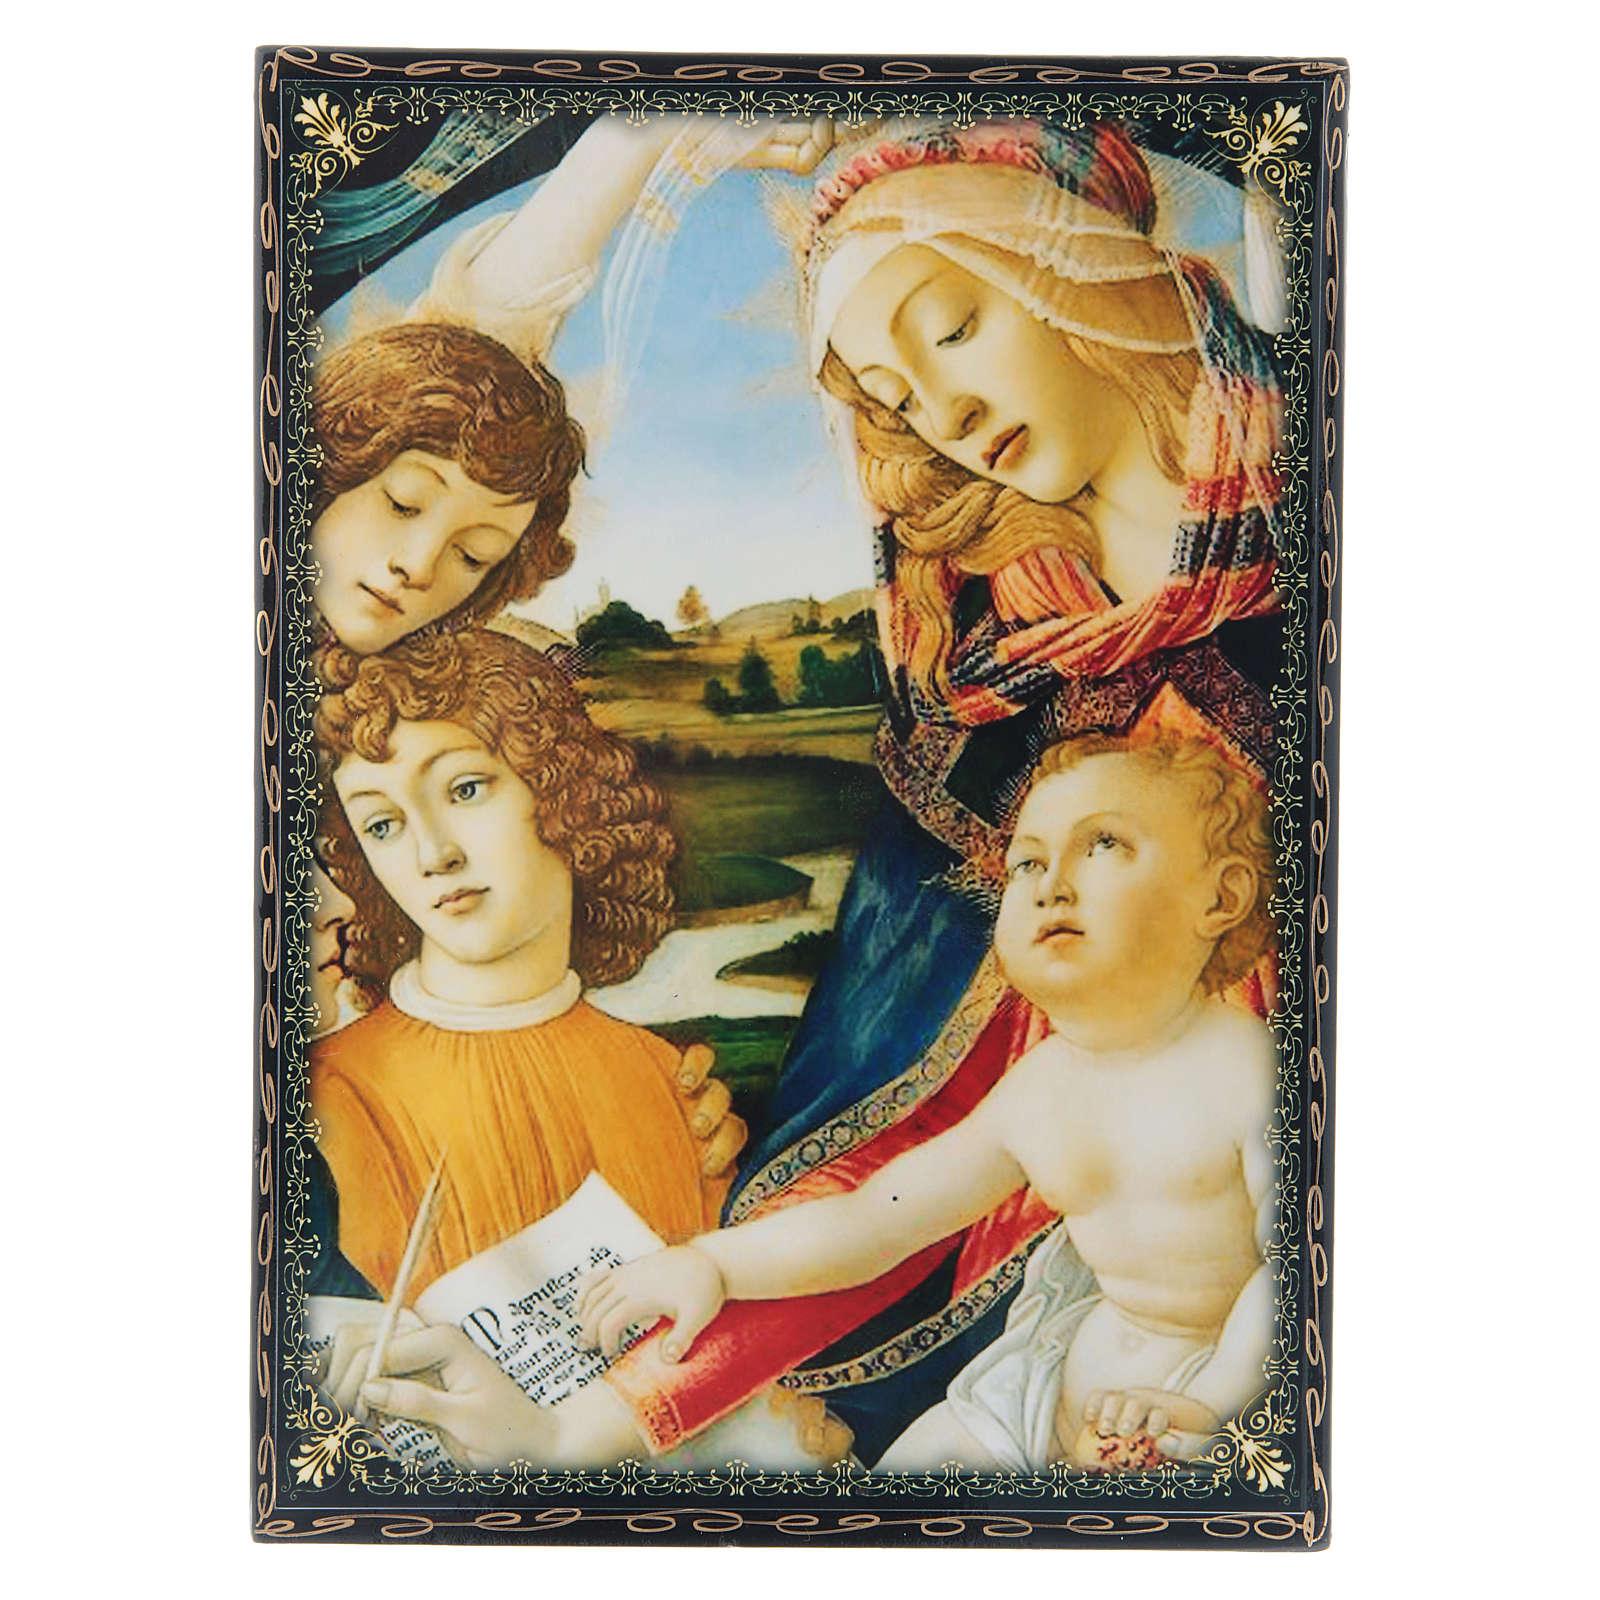 Scatoletta lacca papier machè La Madonna del Magnificant 22X16 cm 4